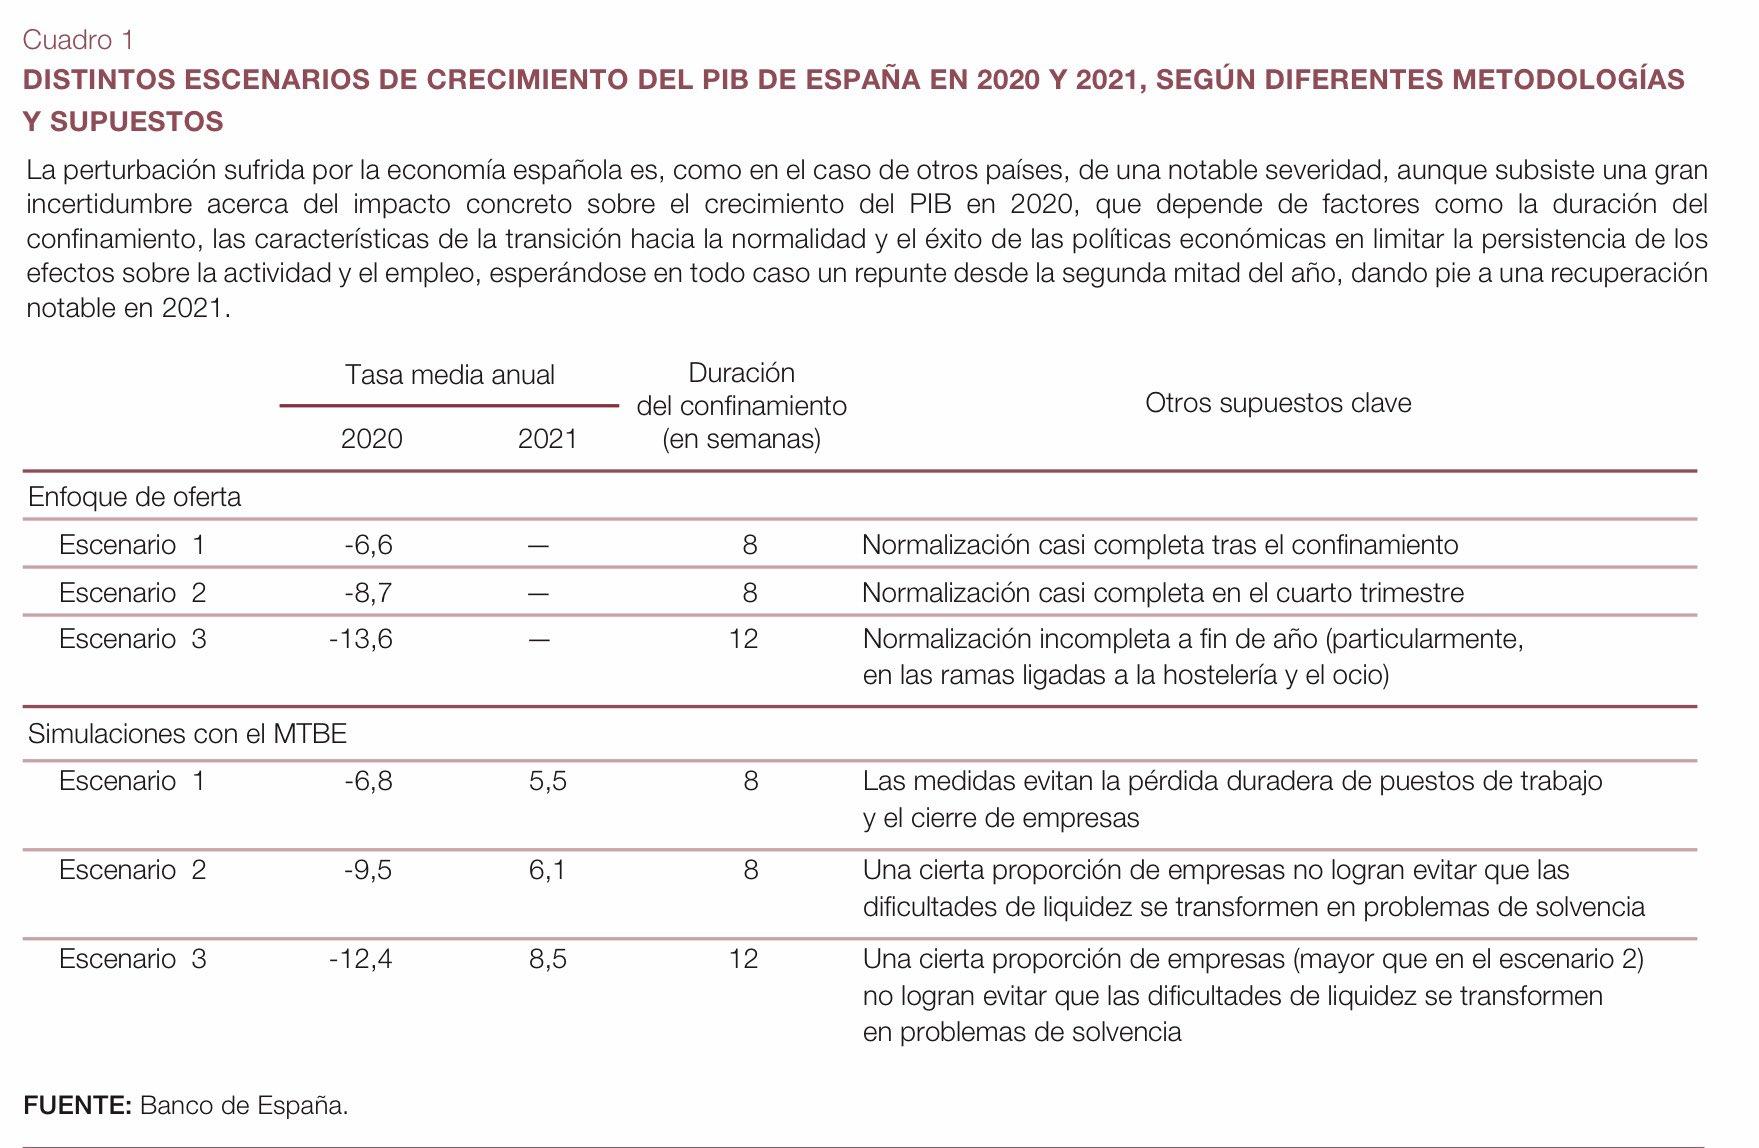 El Banco de España prevé un desplome del PIB de hasta el 13.6% 2